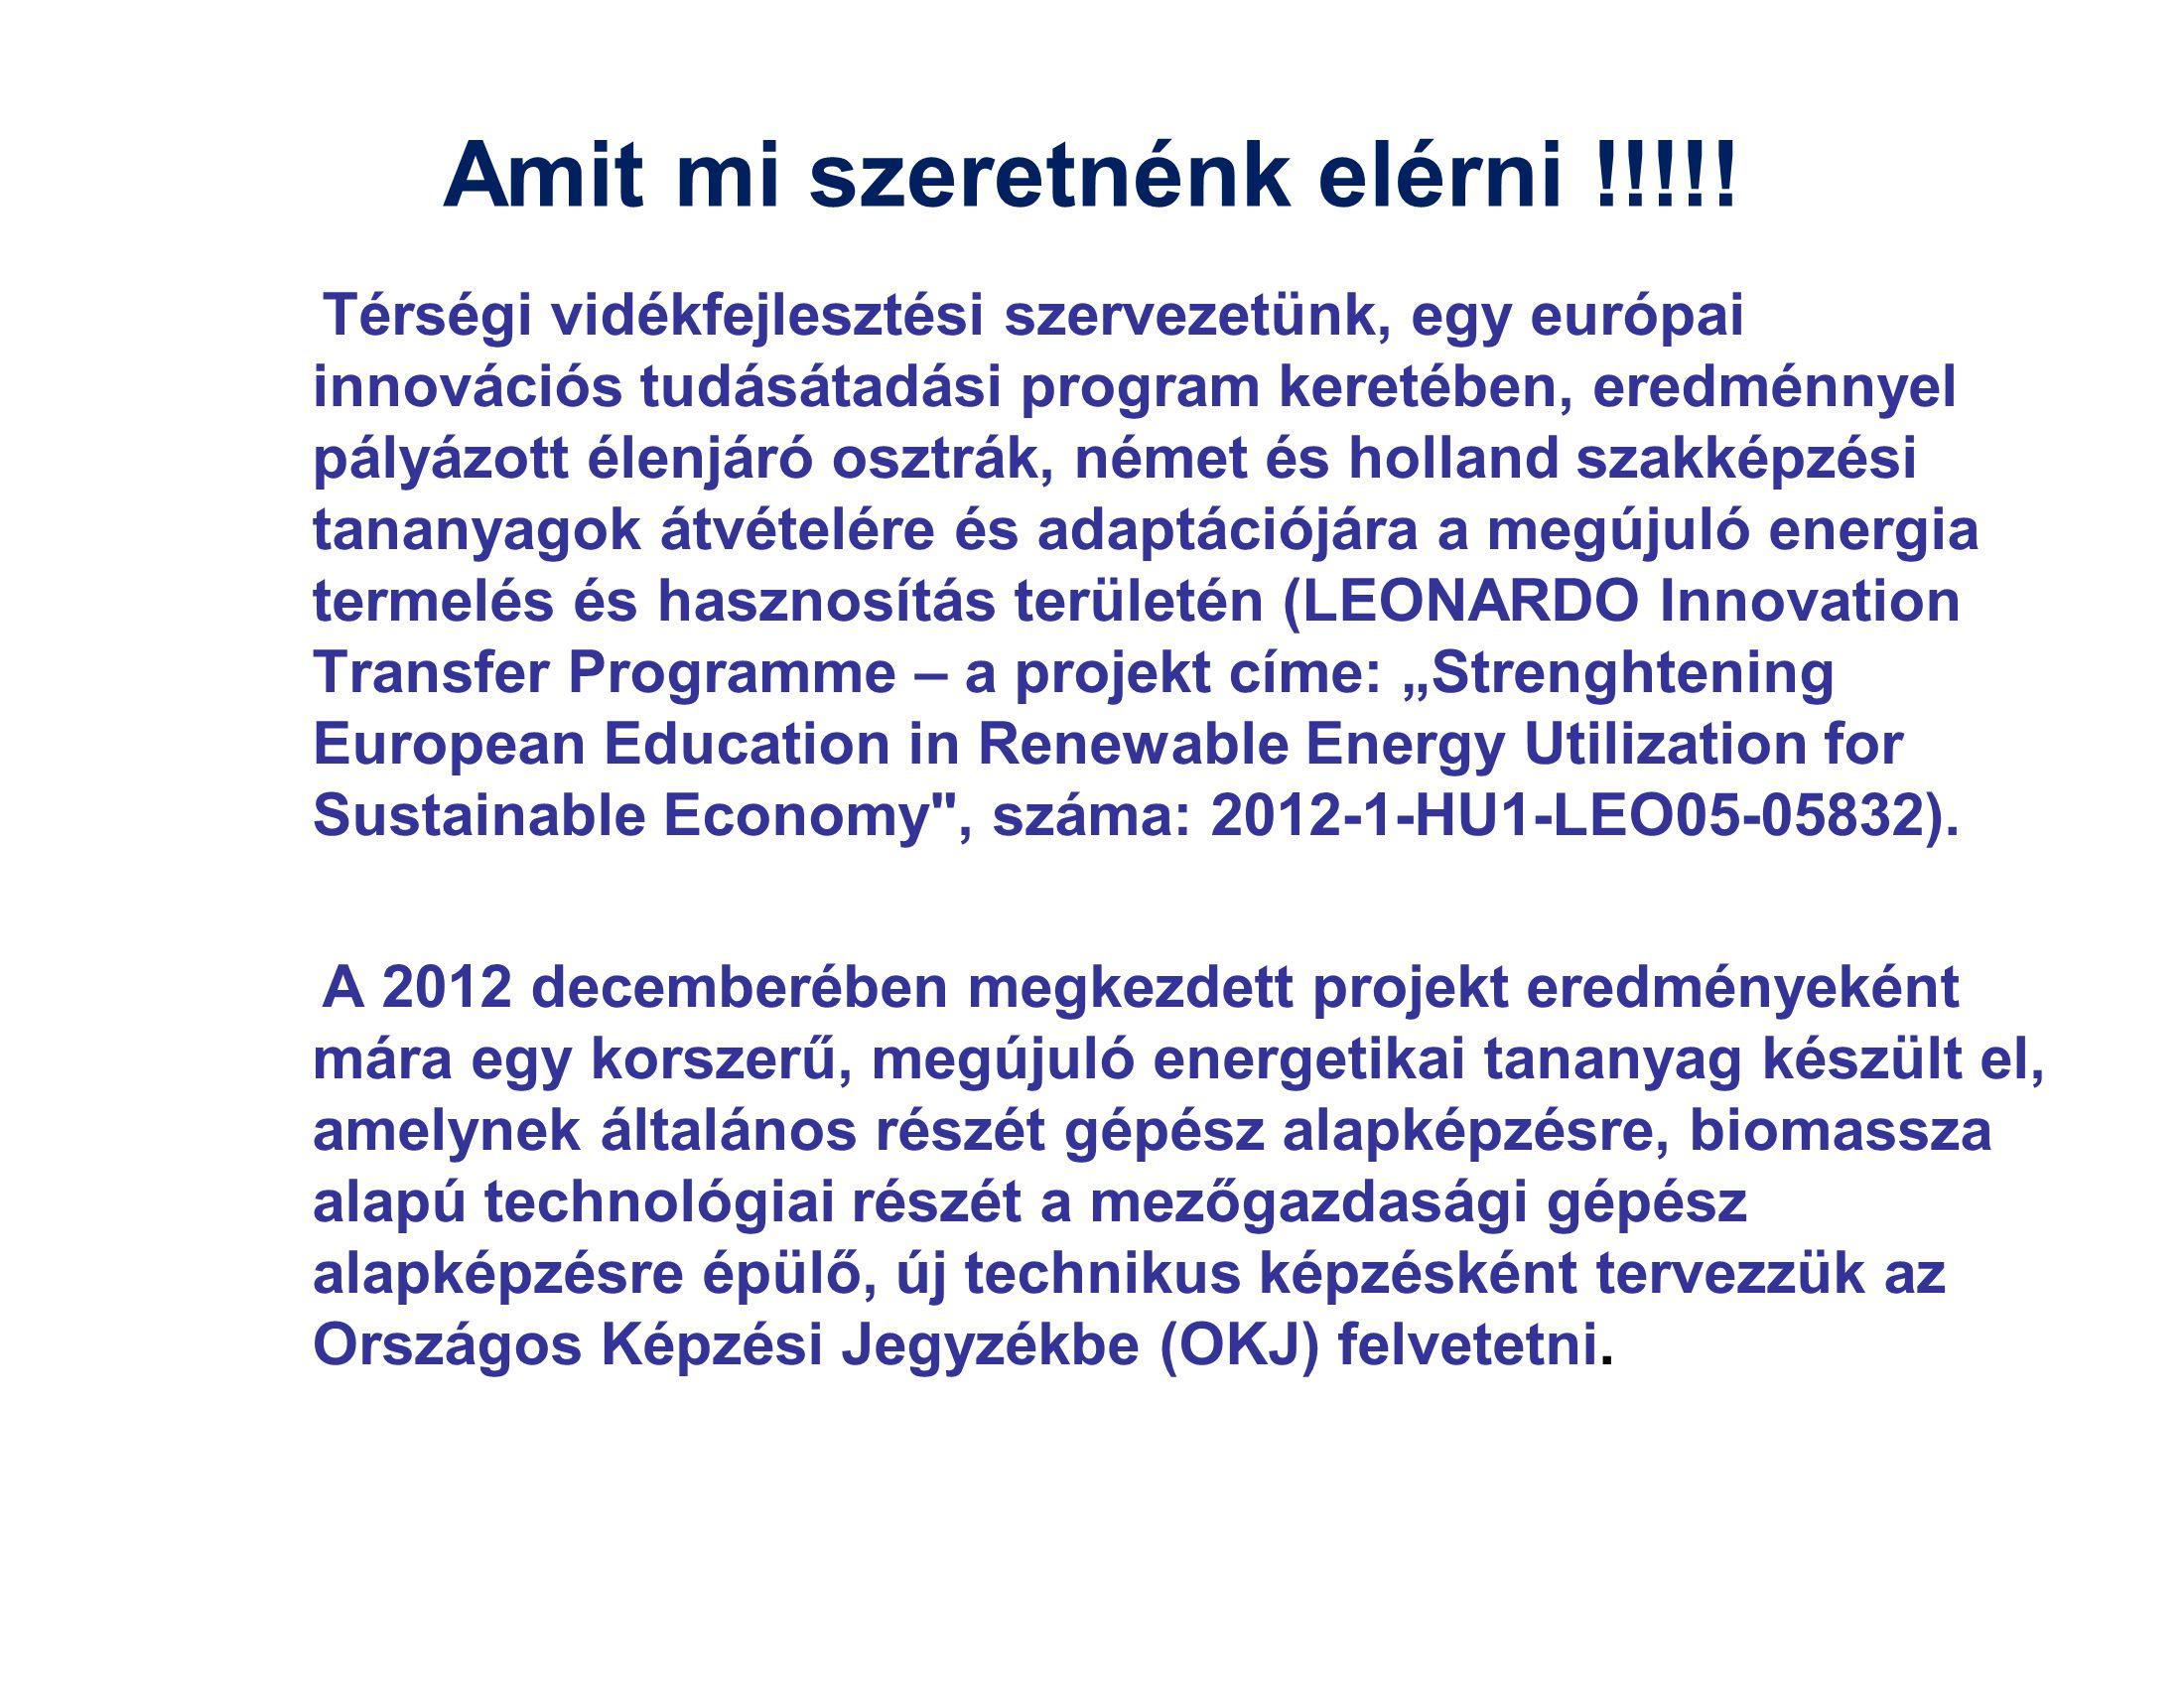 Amit mi szeretnénk elérni !!!!! Térségi vidékfejlesztési szervezetünk, egy európai innovációs tudásátadási program keretében, eredménnyel pályázott él